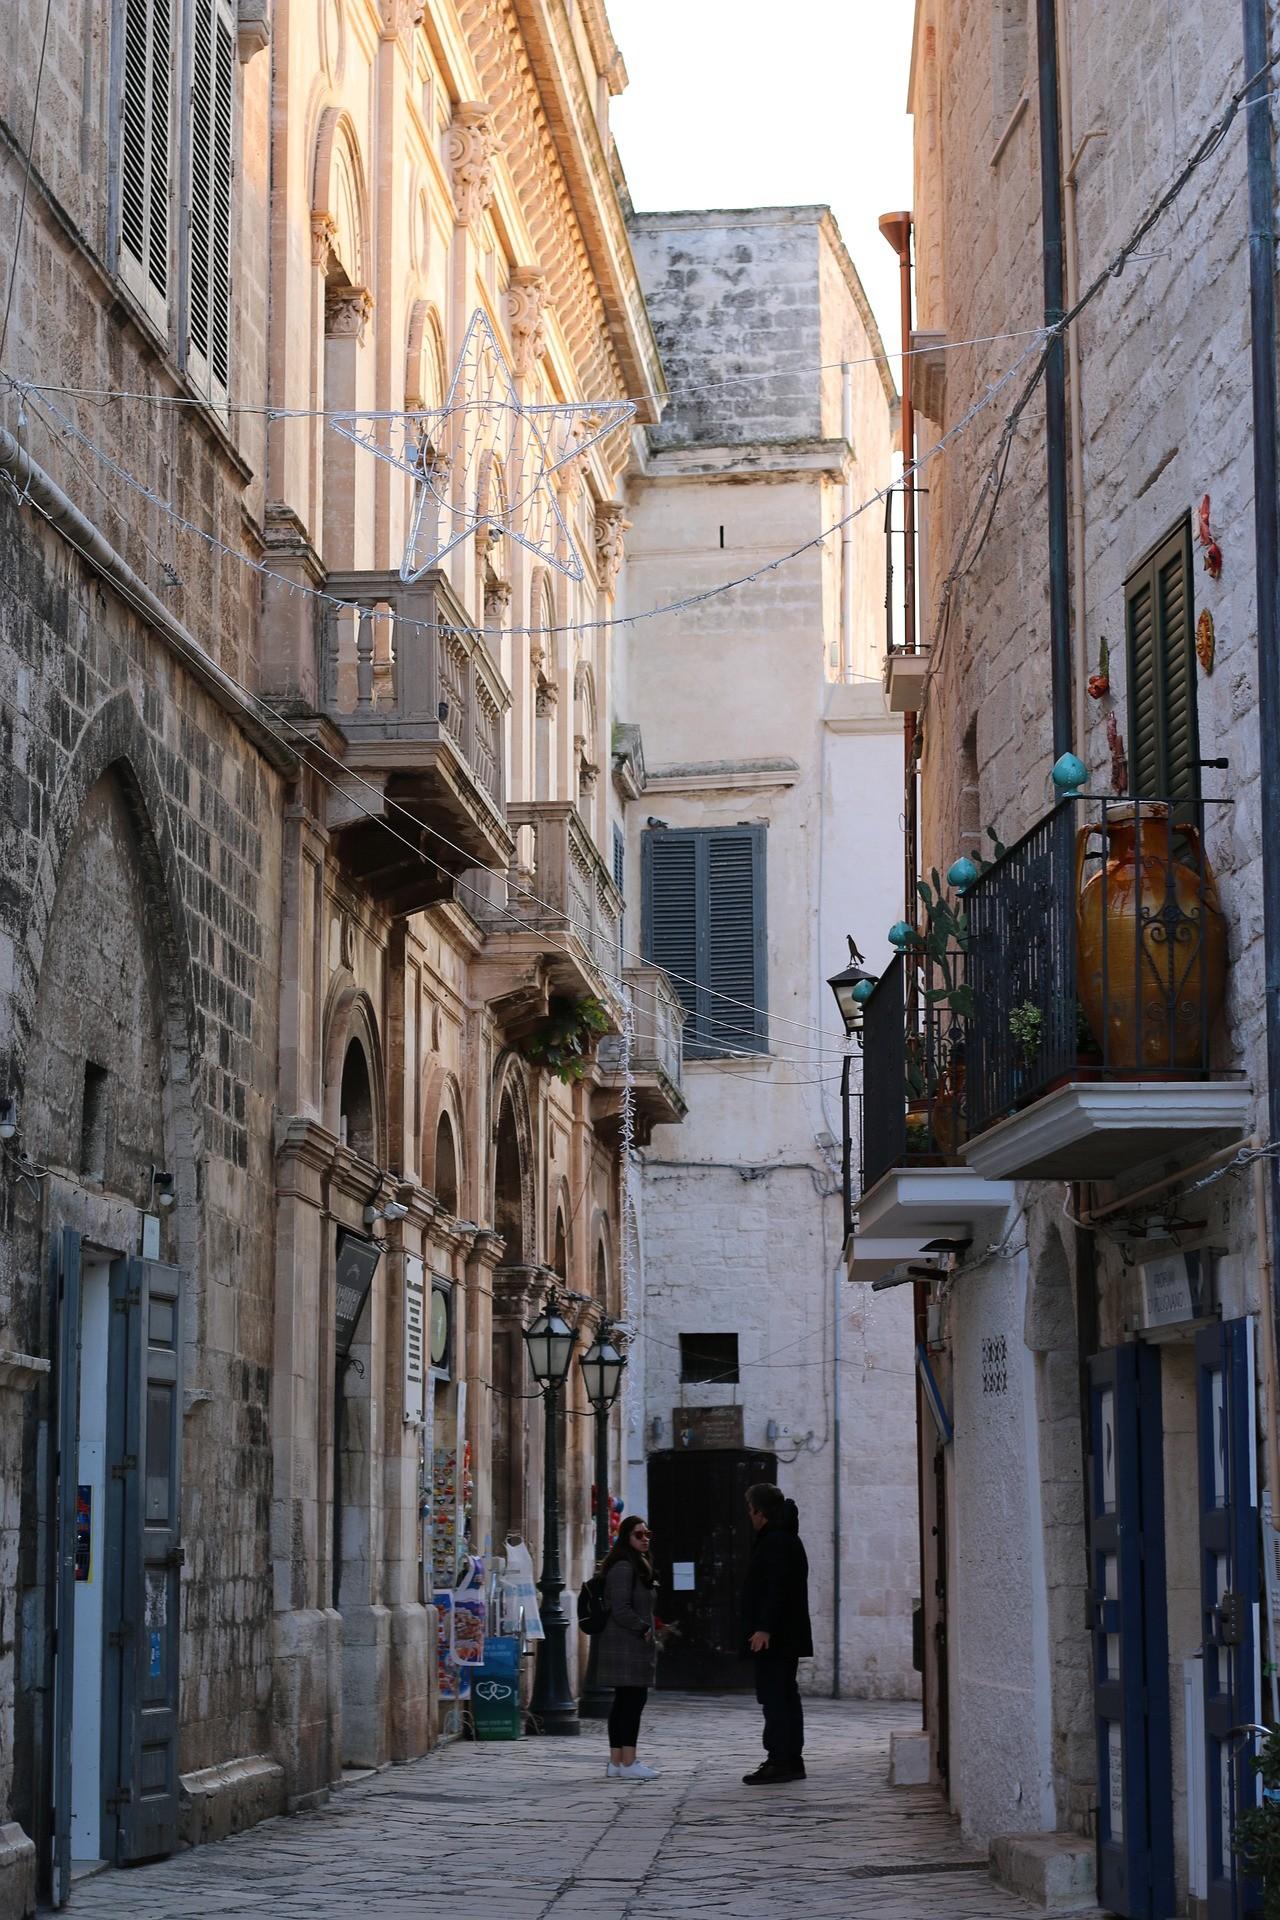 Bari vecchia - Foto di Zenon Jiuszkiewlcz